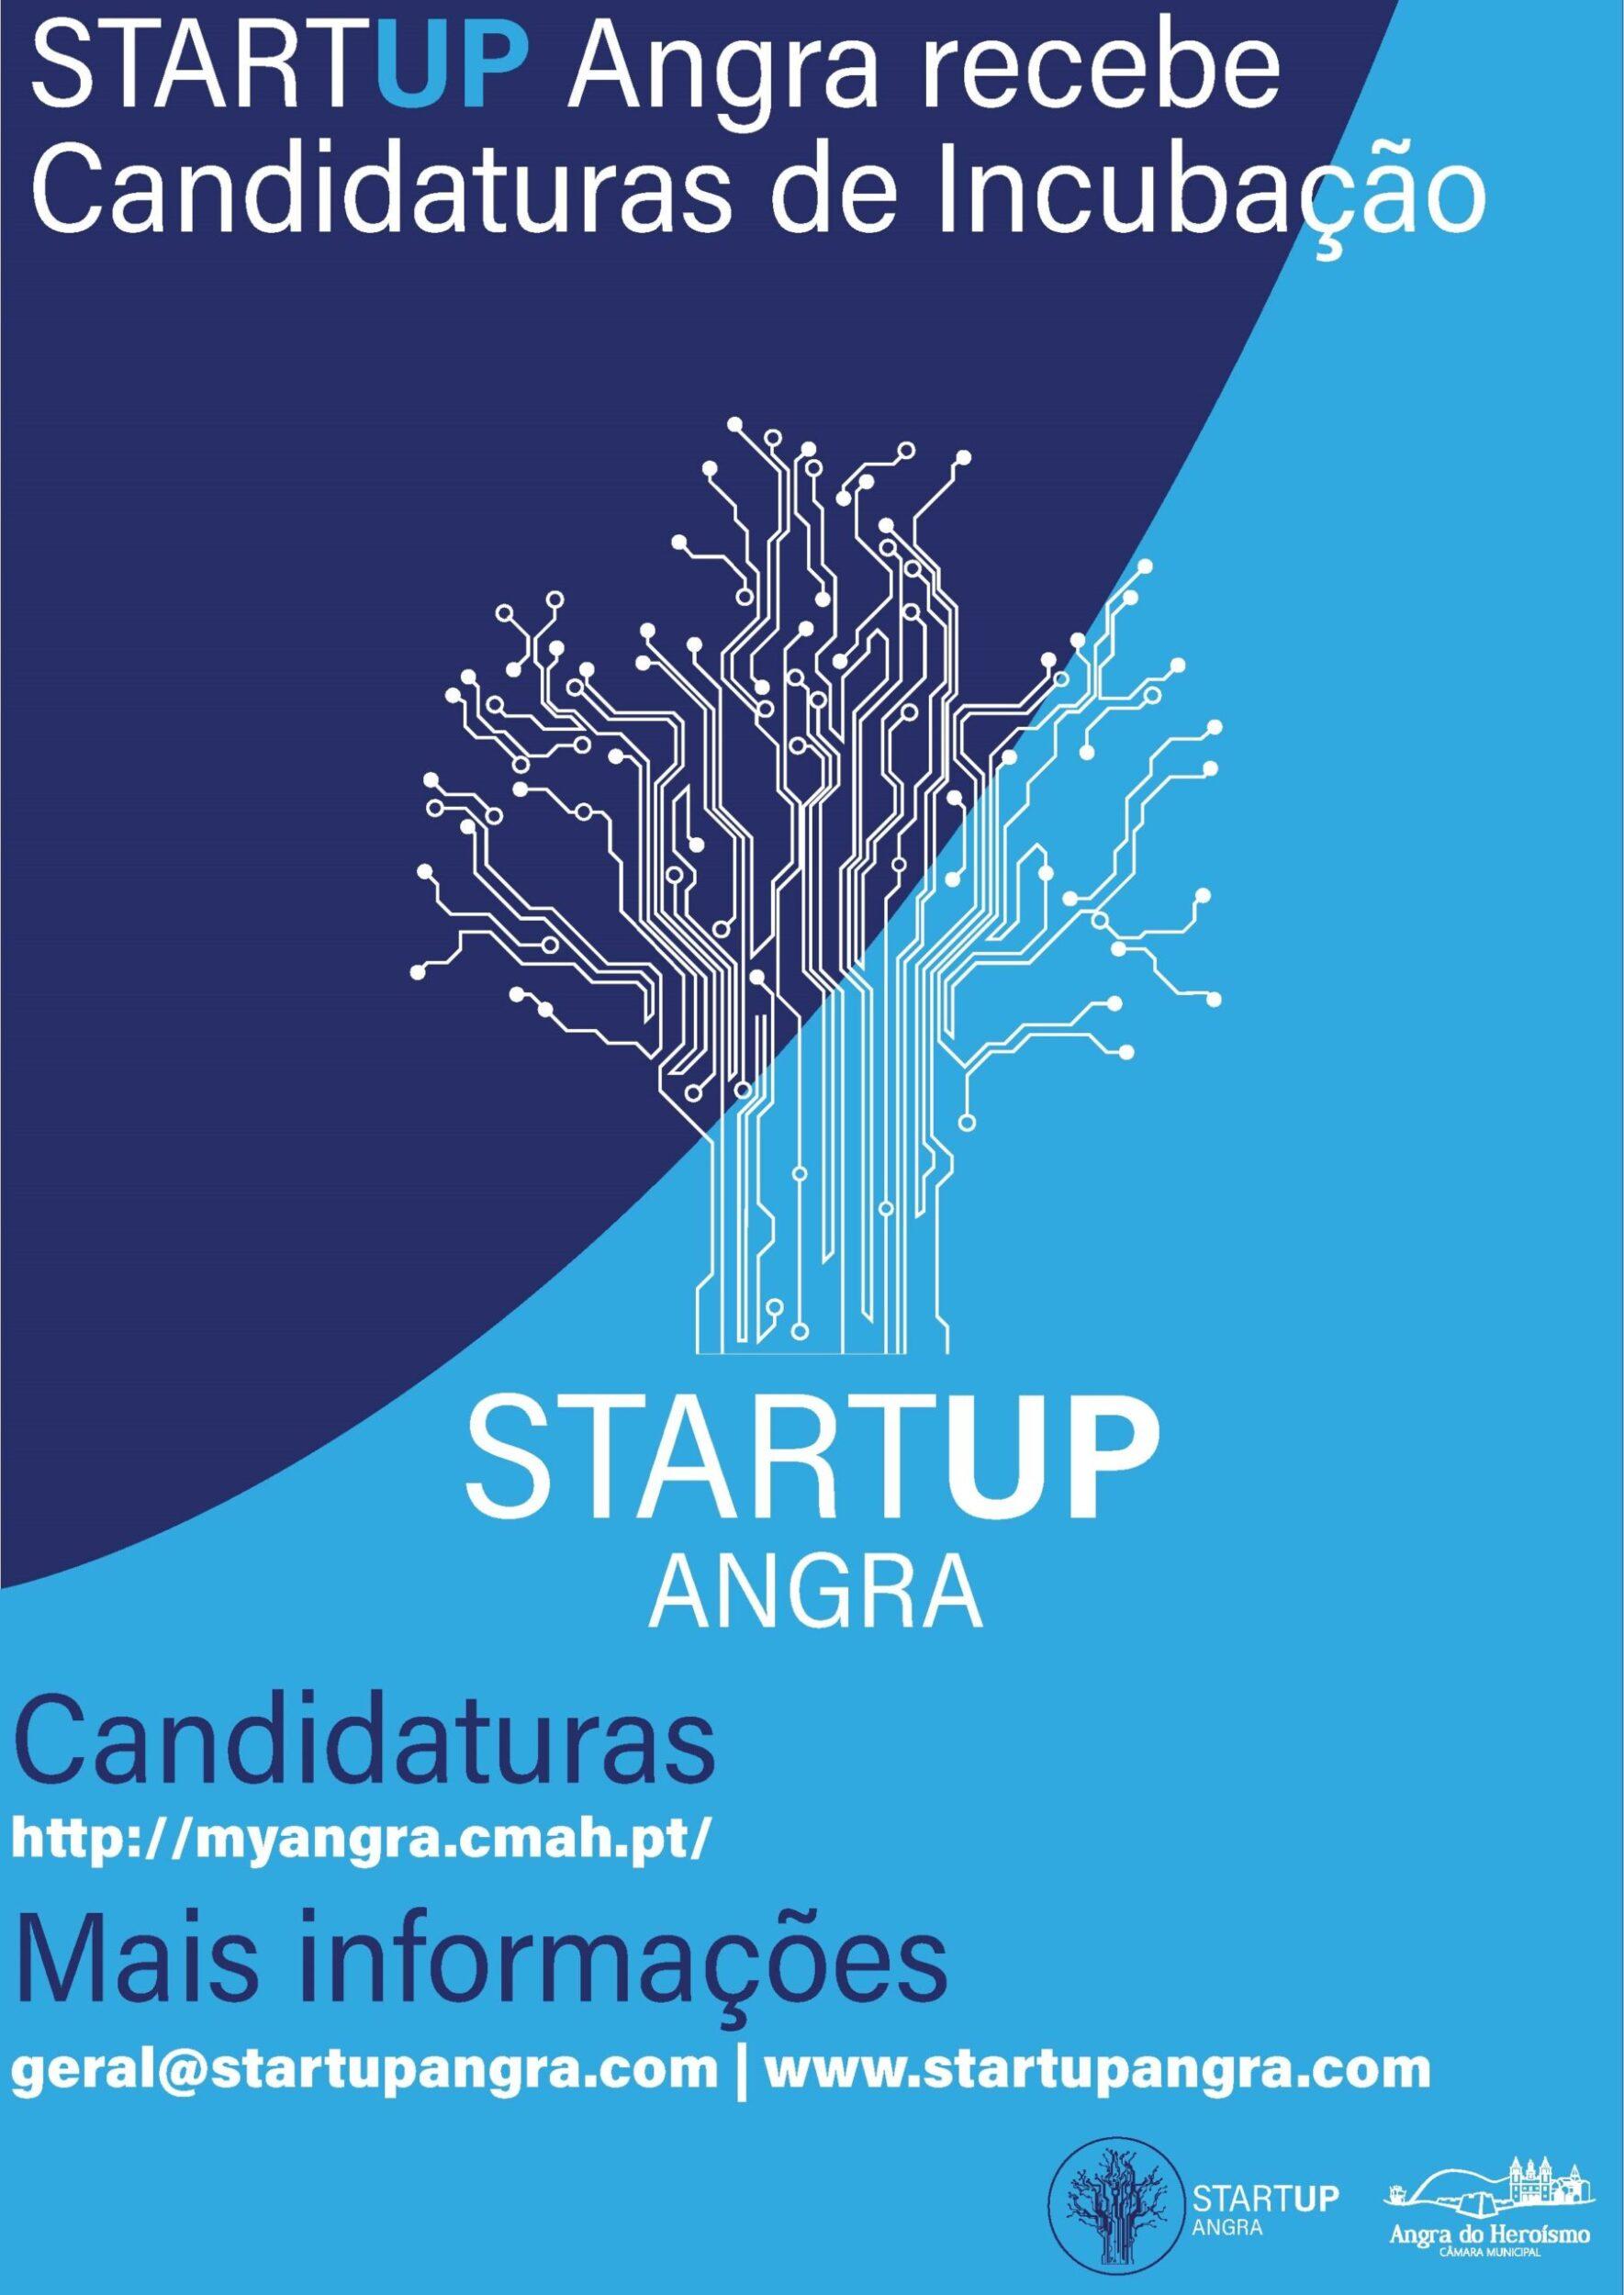 https://www.startupangra.com/wp-content/uploads/2020/09/Imagem-Contratos-scaled-e1600431611129.jpg